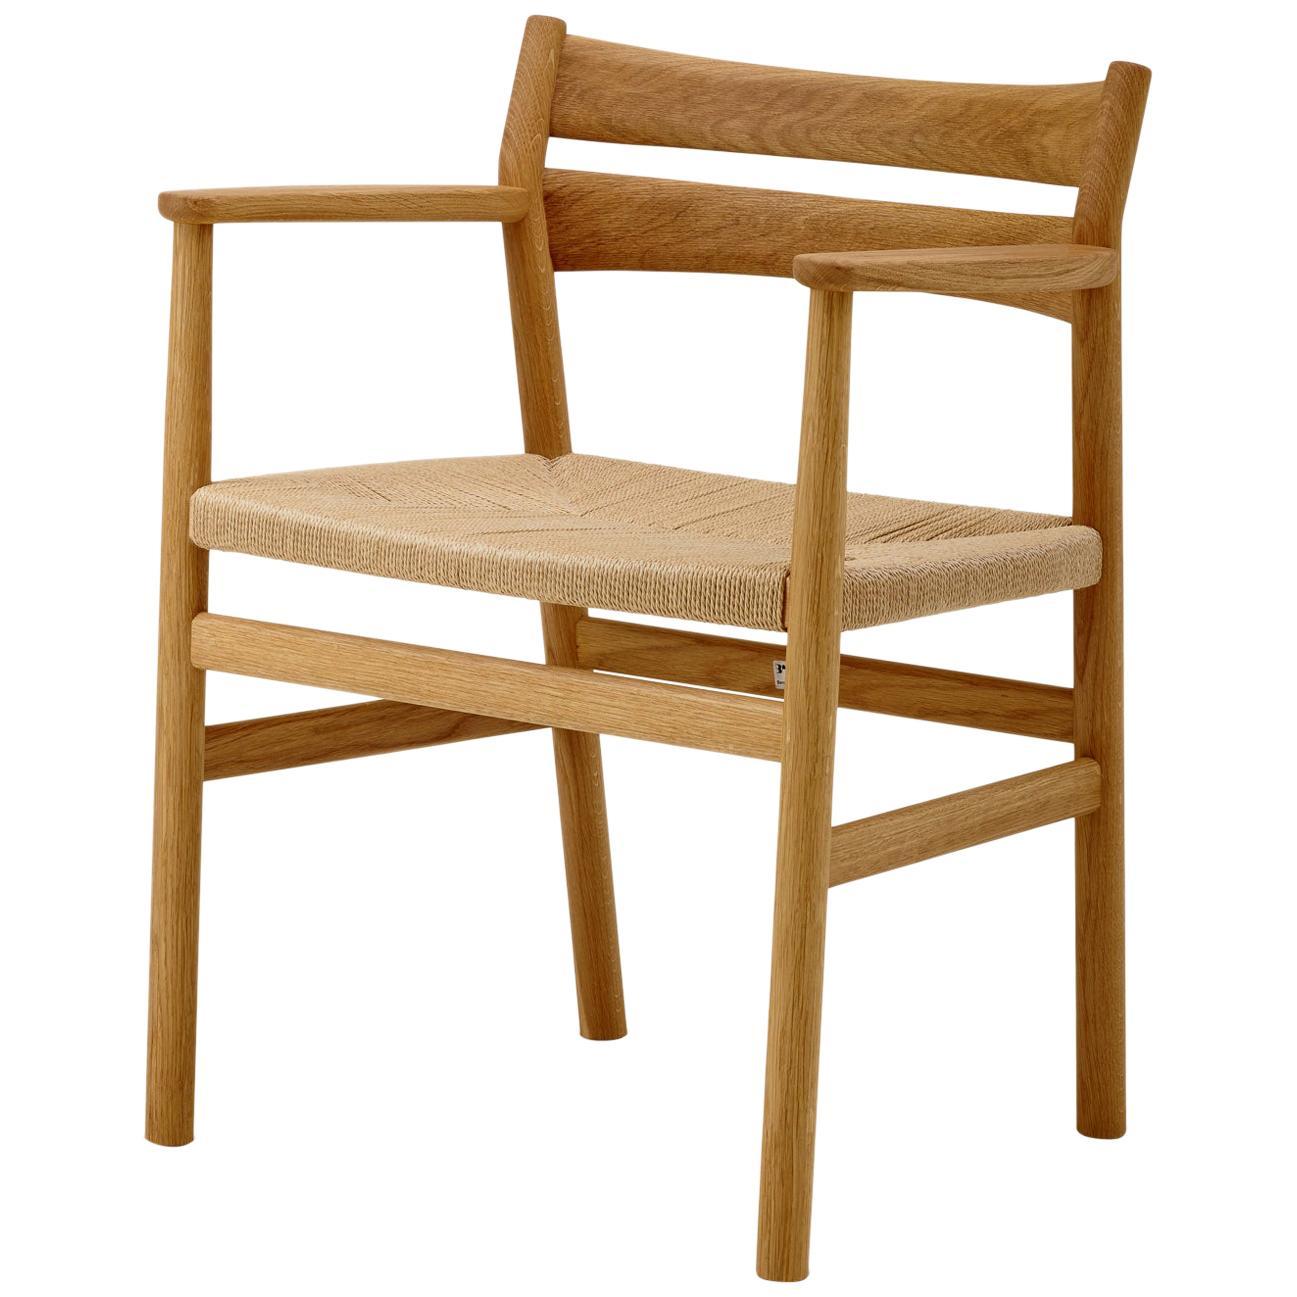 BM2 Chair by Borge Mogensen, Light Oak